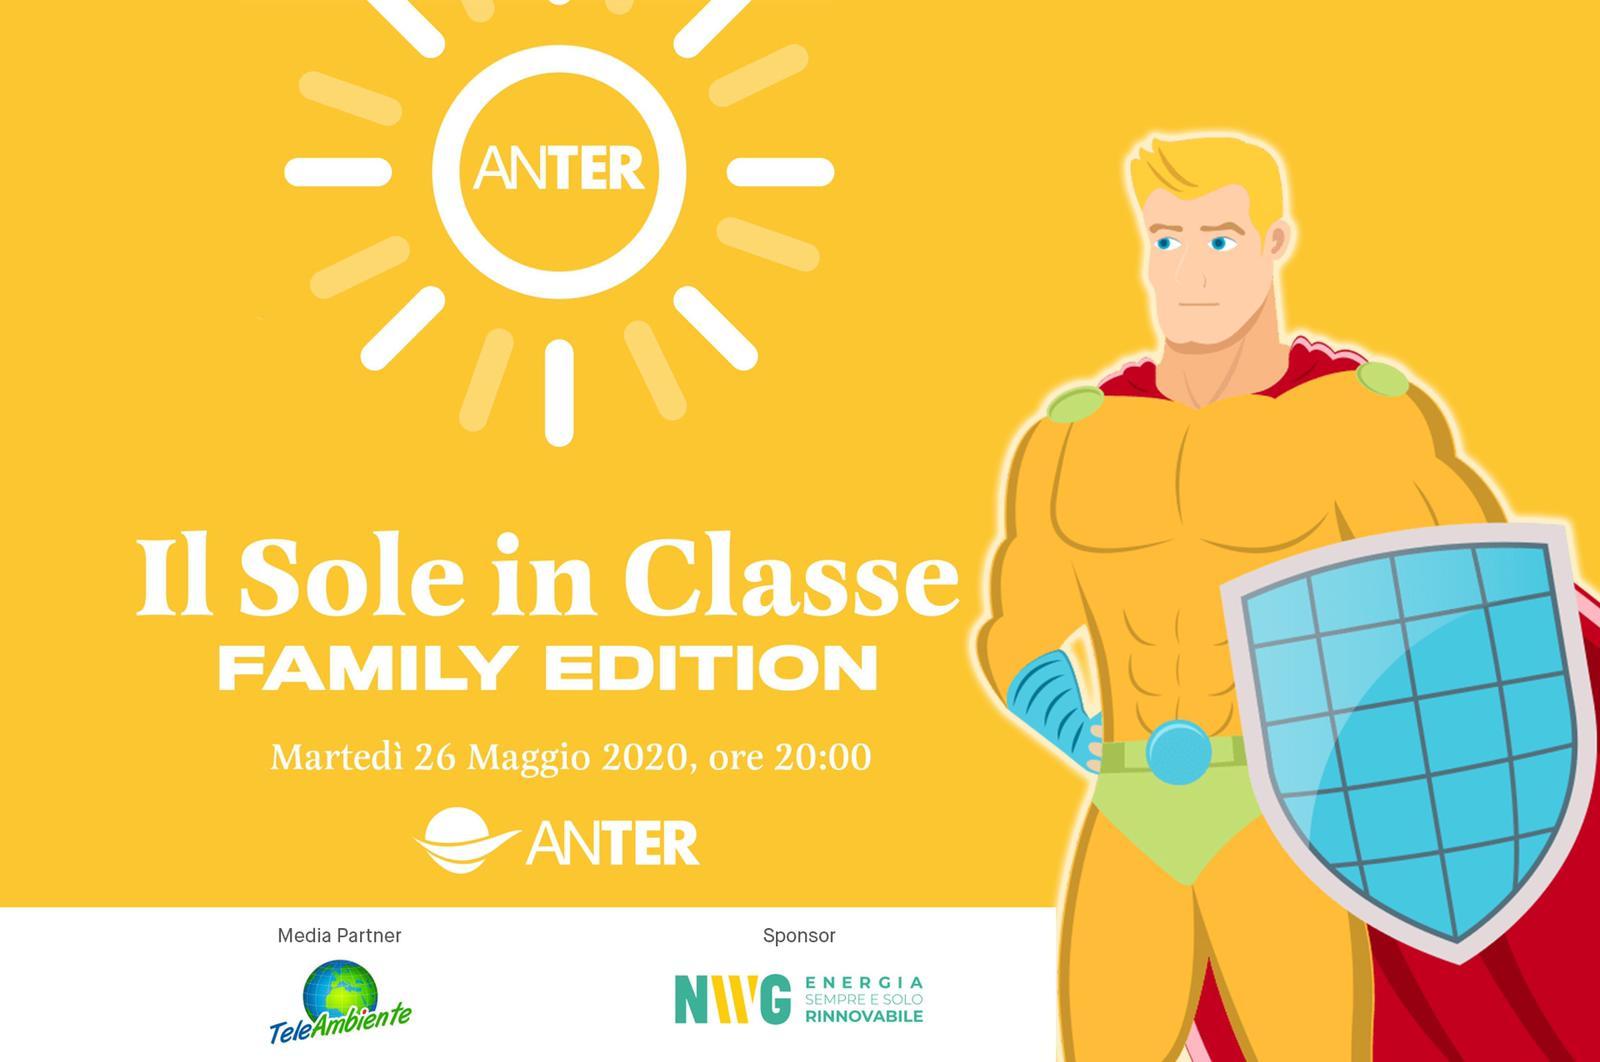 Il Sole in Classe FAMILY EDITION